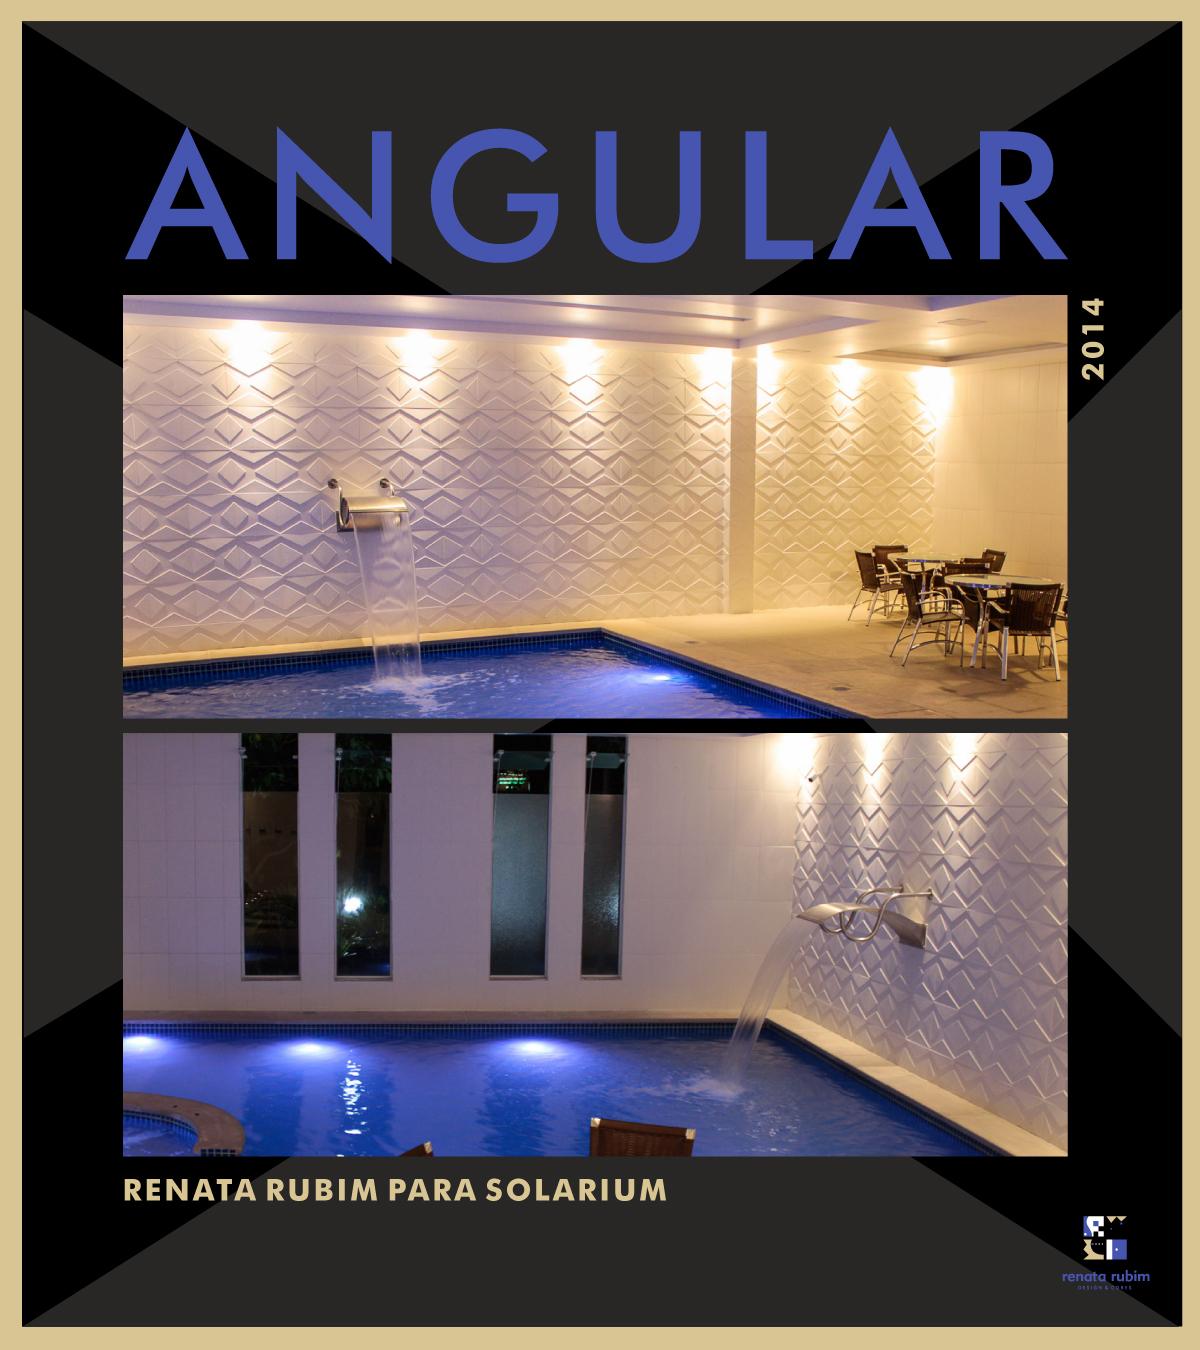 Linha Angular - Blog Solarium